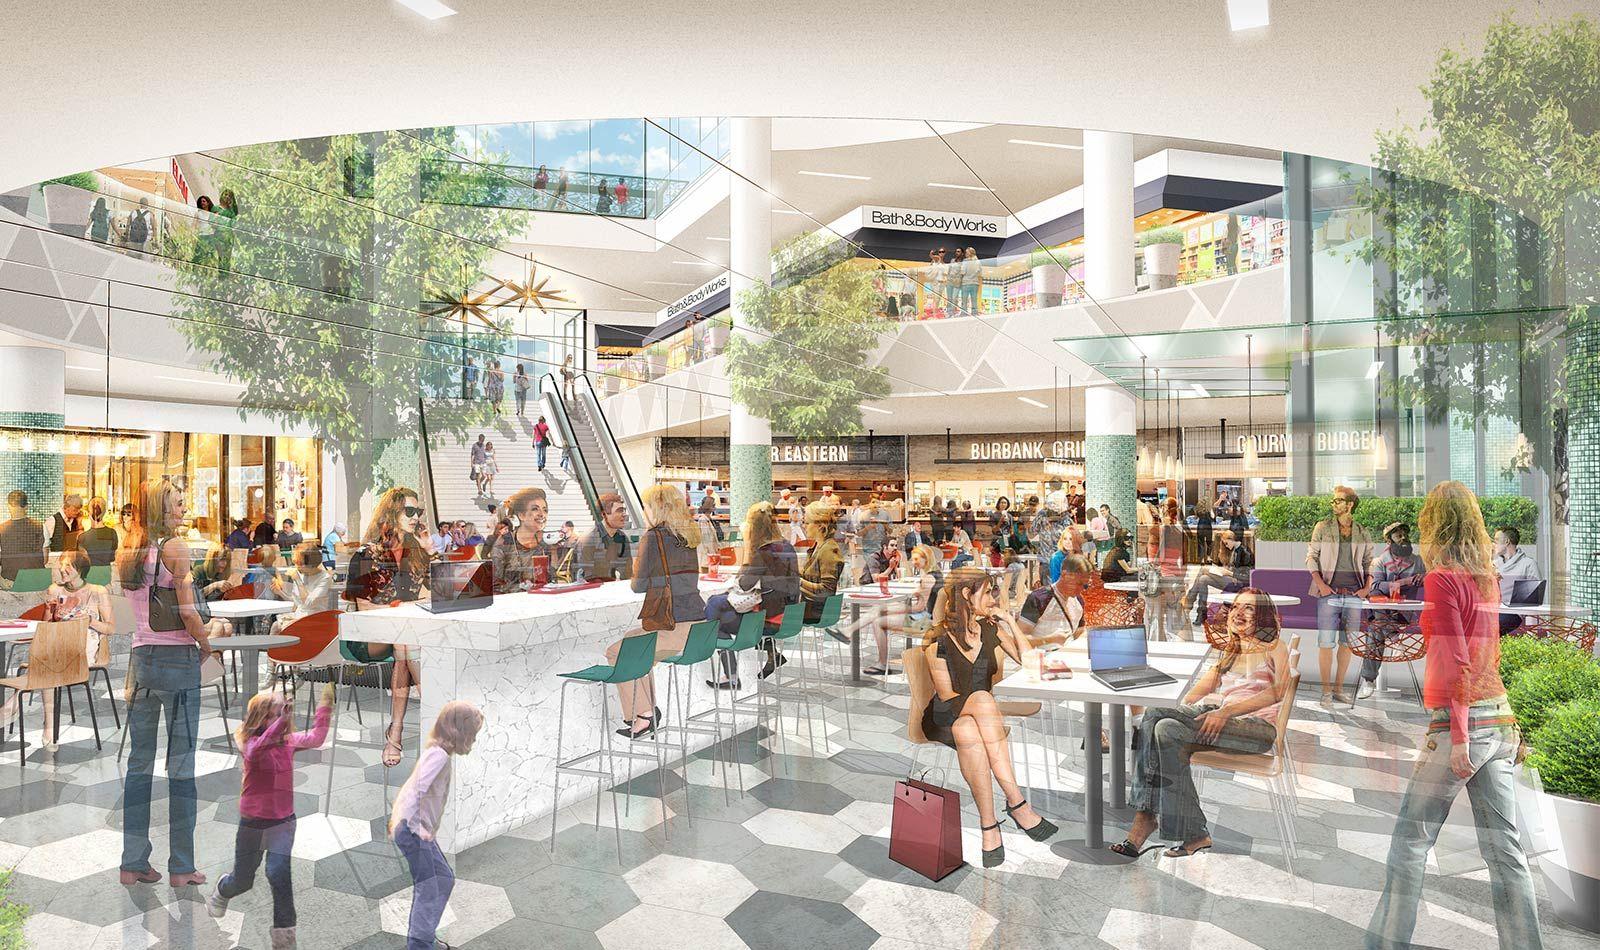 Burbank Town Center By 505design Burbank California